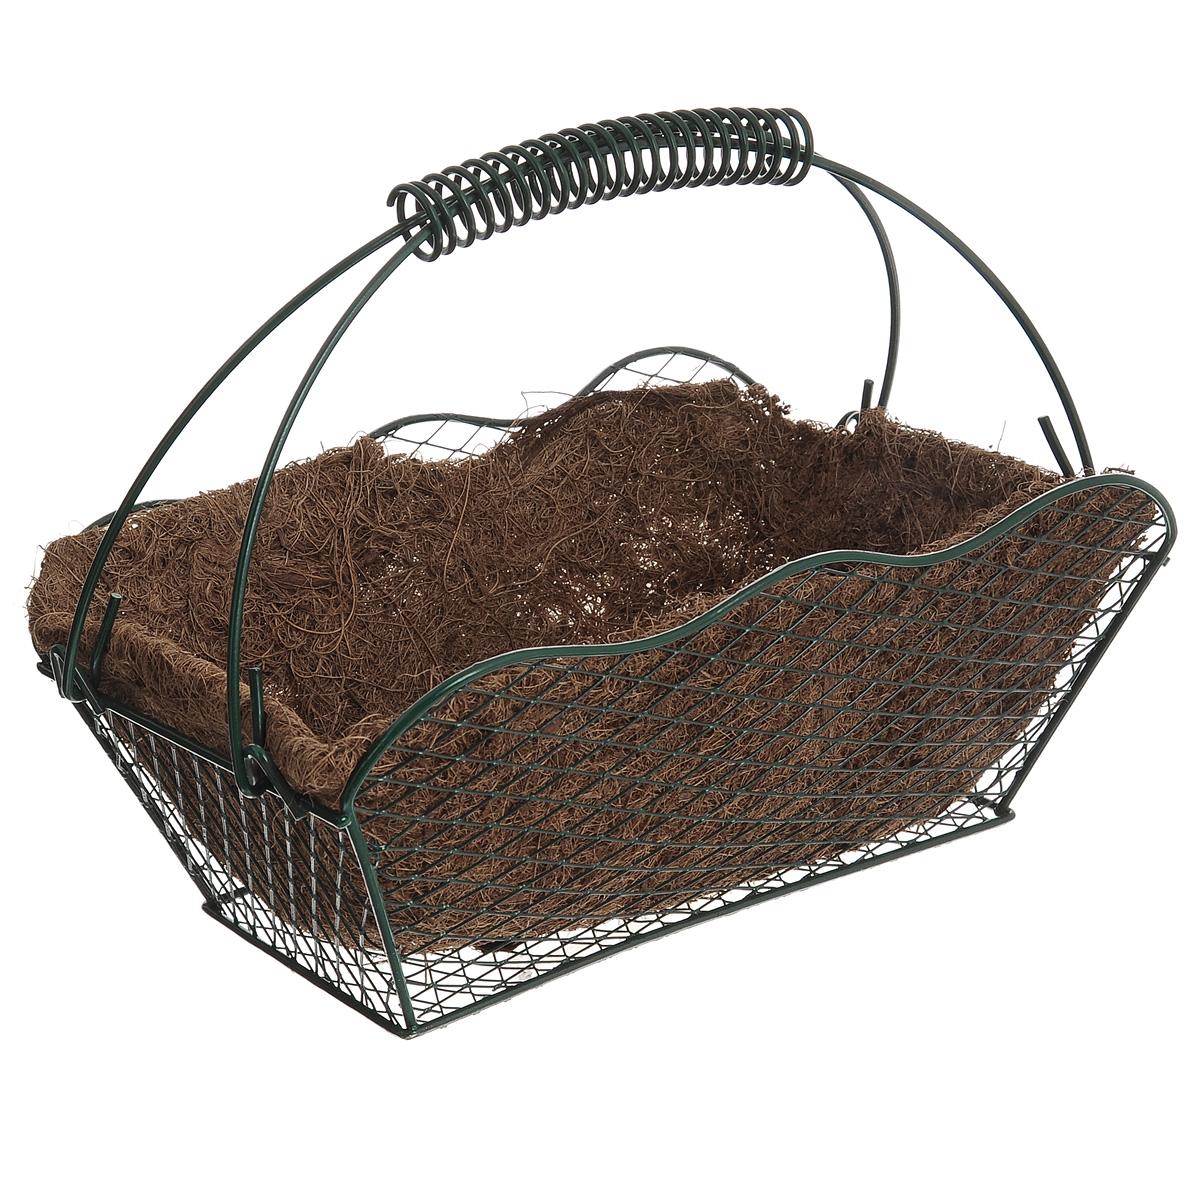 Корзина Greenell, с вкладышем, 27 х 16,5 х 20 см19201Корзина Greenell изготовлена из стали, оснащена вкладышем из кокосового волокна. Корзина предназначена для выращивания цветов и других декоративных растений.В ней хорошо будут расти любые цветы: кокосовое волокно является идеальным субстратом для растений.Кокосовое волокно способствует сохранению в почве питательных веществ и сохранению комфортного для растений уровня влажности.